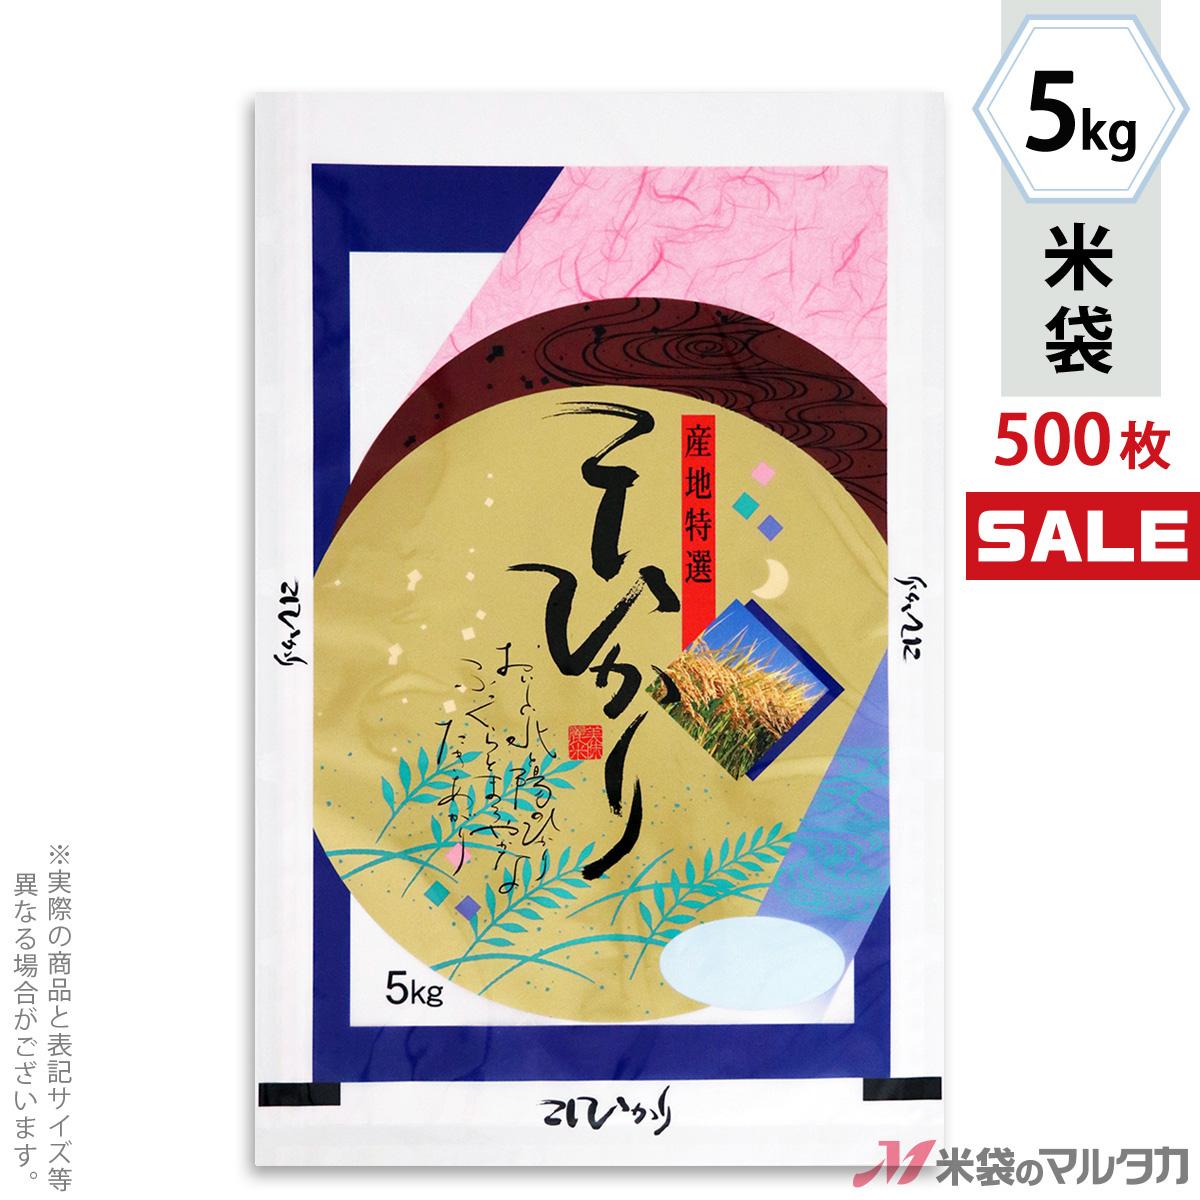 <キャンペーン対応>米袋 ラミ フレブレス こしひかり 半月 5kg 1ケース(500枚入) MN-2090